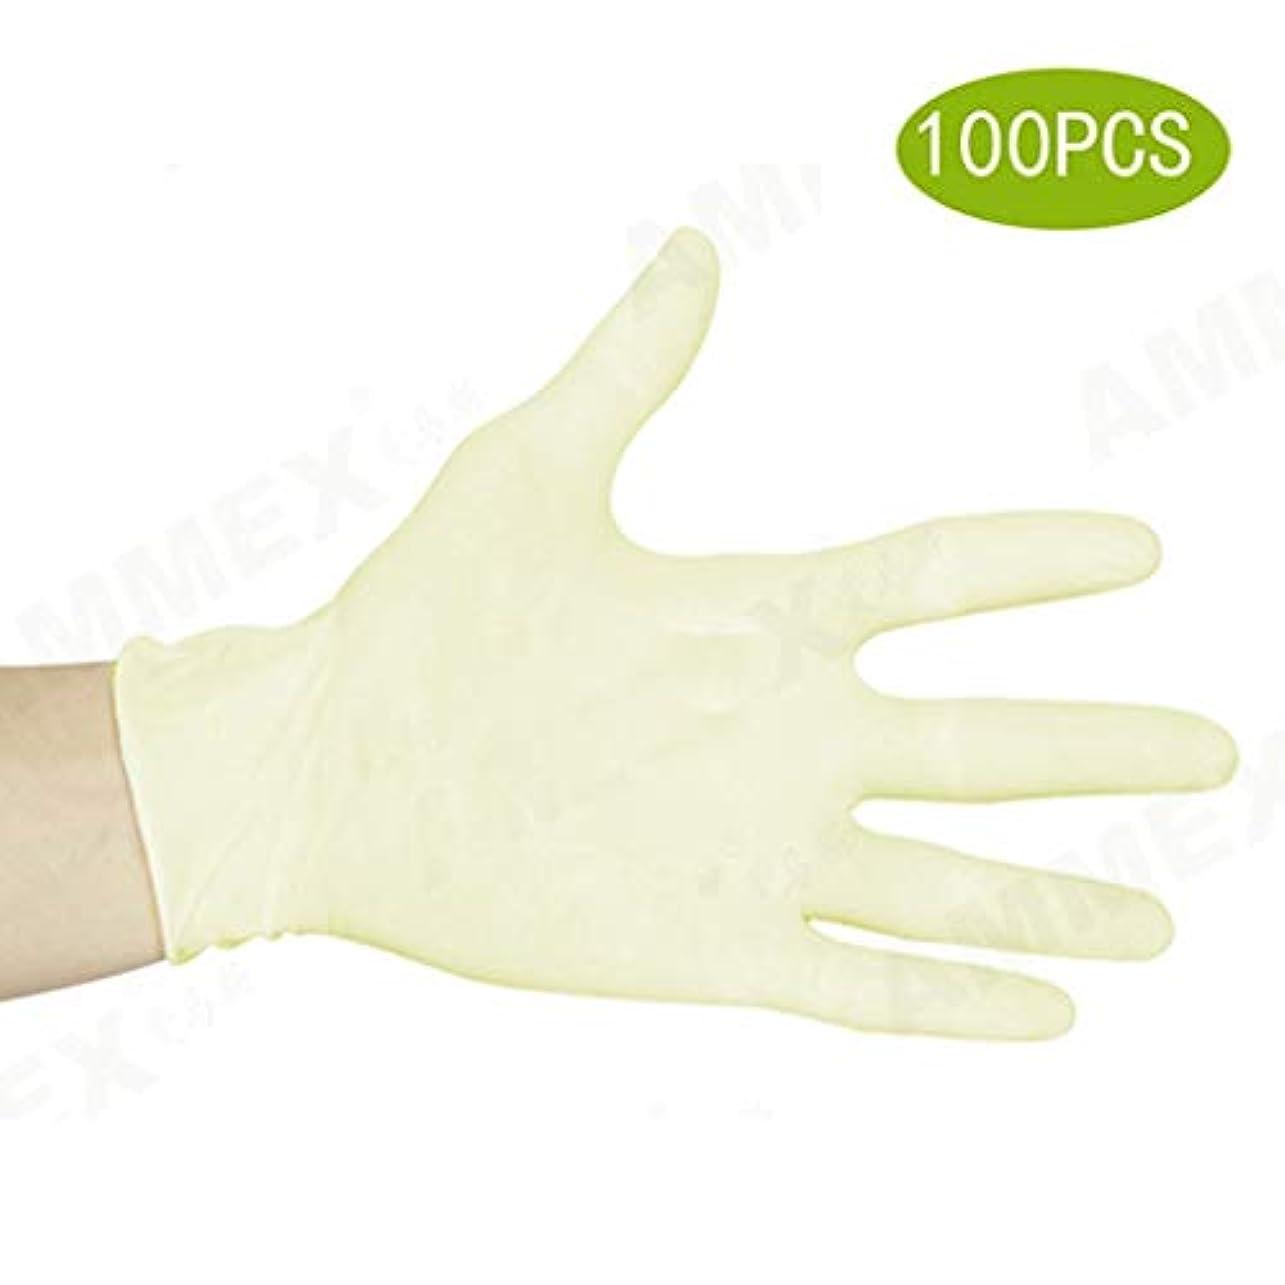 マークダウン進化ジョガーニトリル手袋、パウダーフリー、ラテックスゴムフリー、使い捨て手袋 - 非滅菌、食品安全、医療用グレード、100の便利なディスペンサーパック、ビニール手袋(エクストラストレングス) (Color : Latex Gloves...